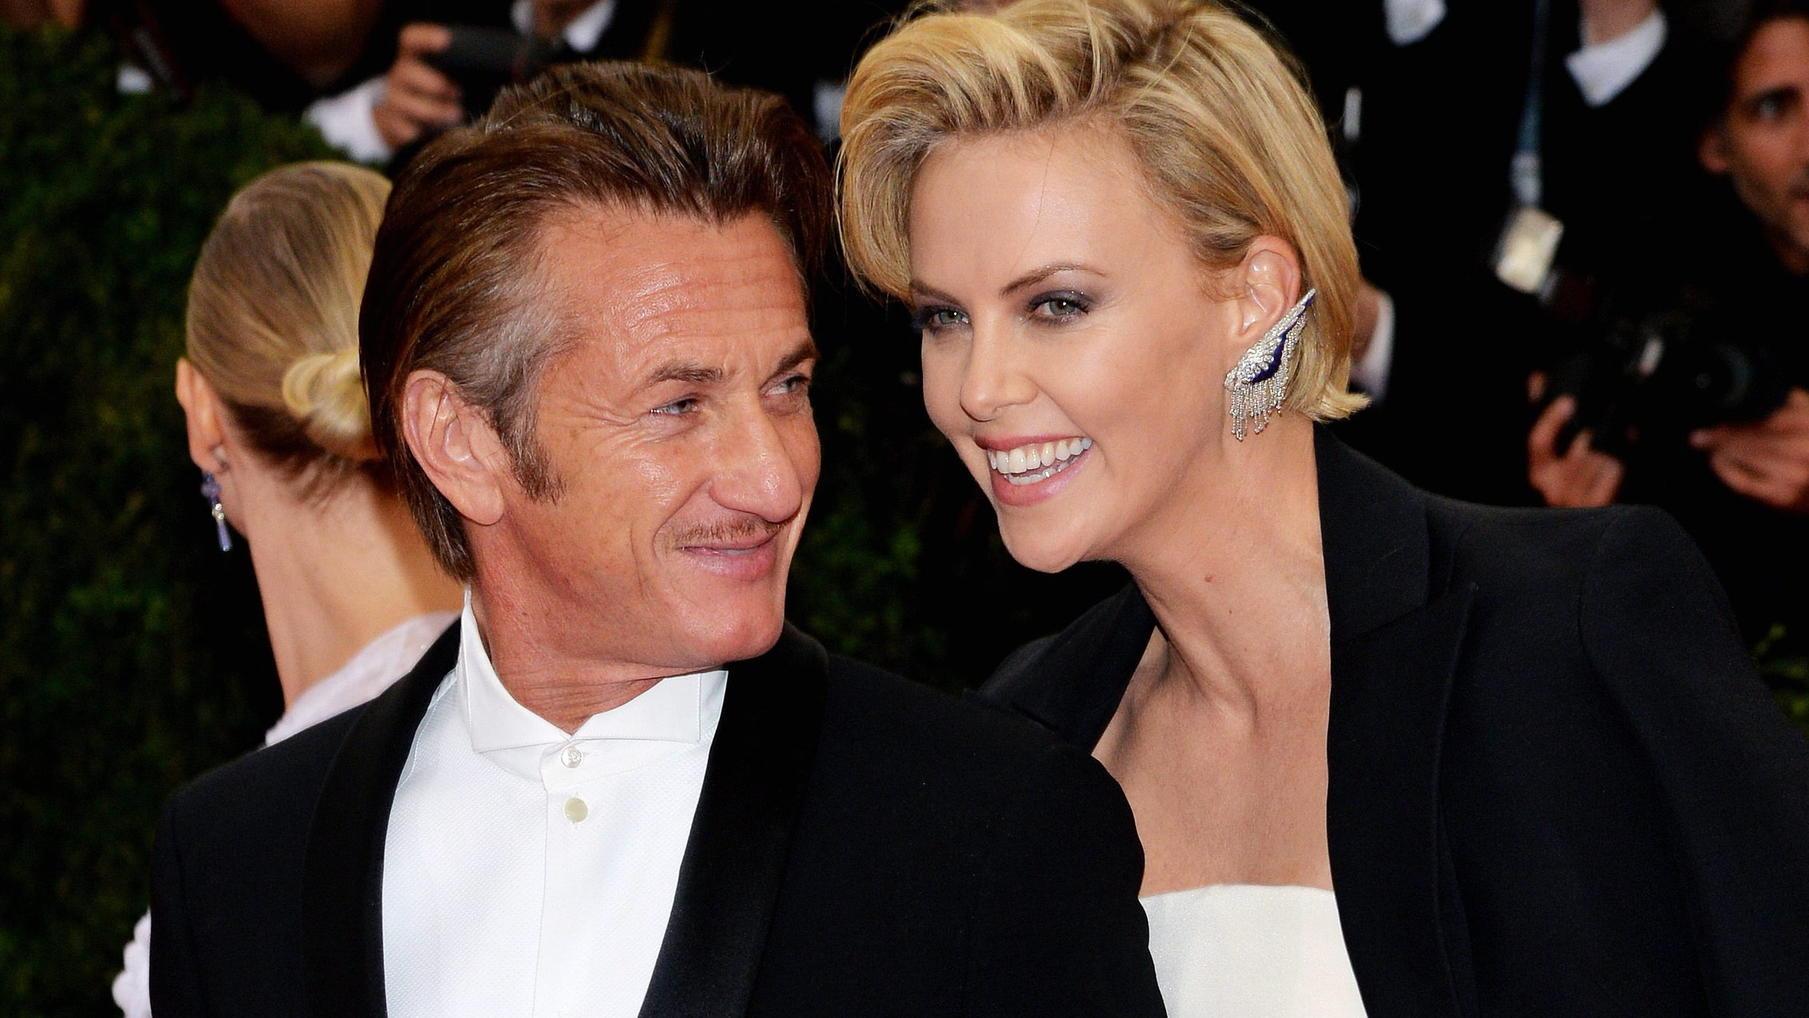 Medienbericht zufolge: Brad Pitt und Charlize Theron sollen ein Paar sein